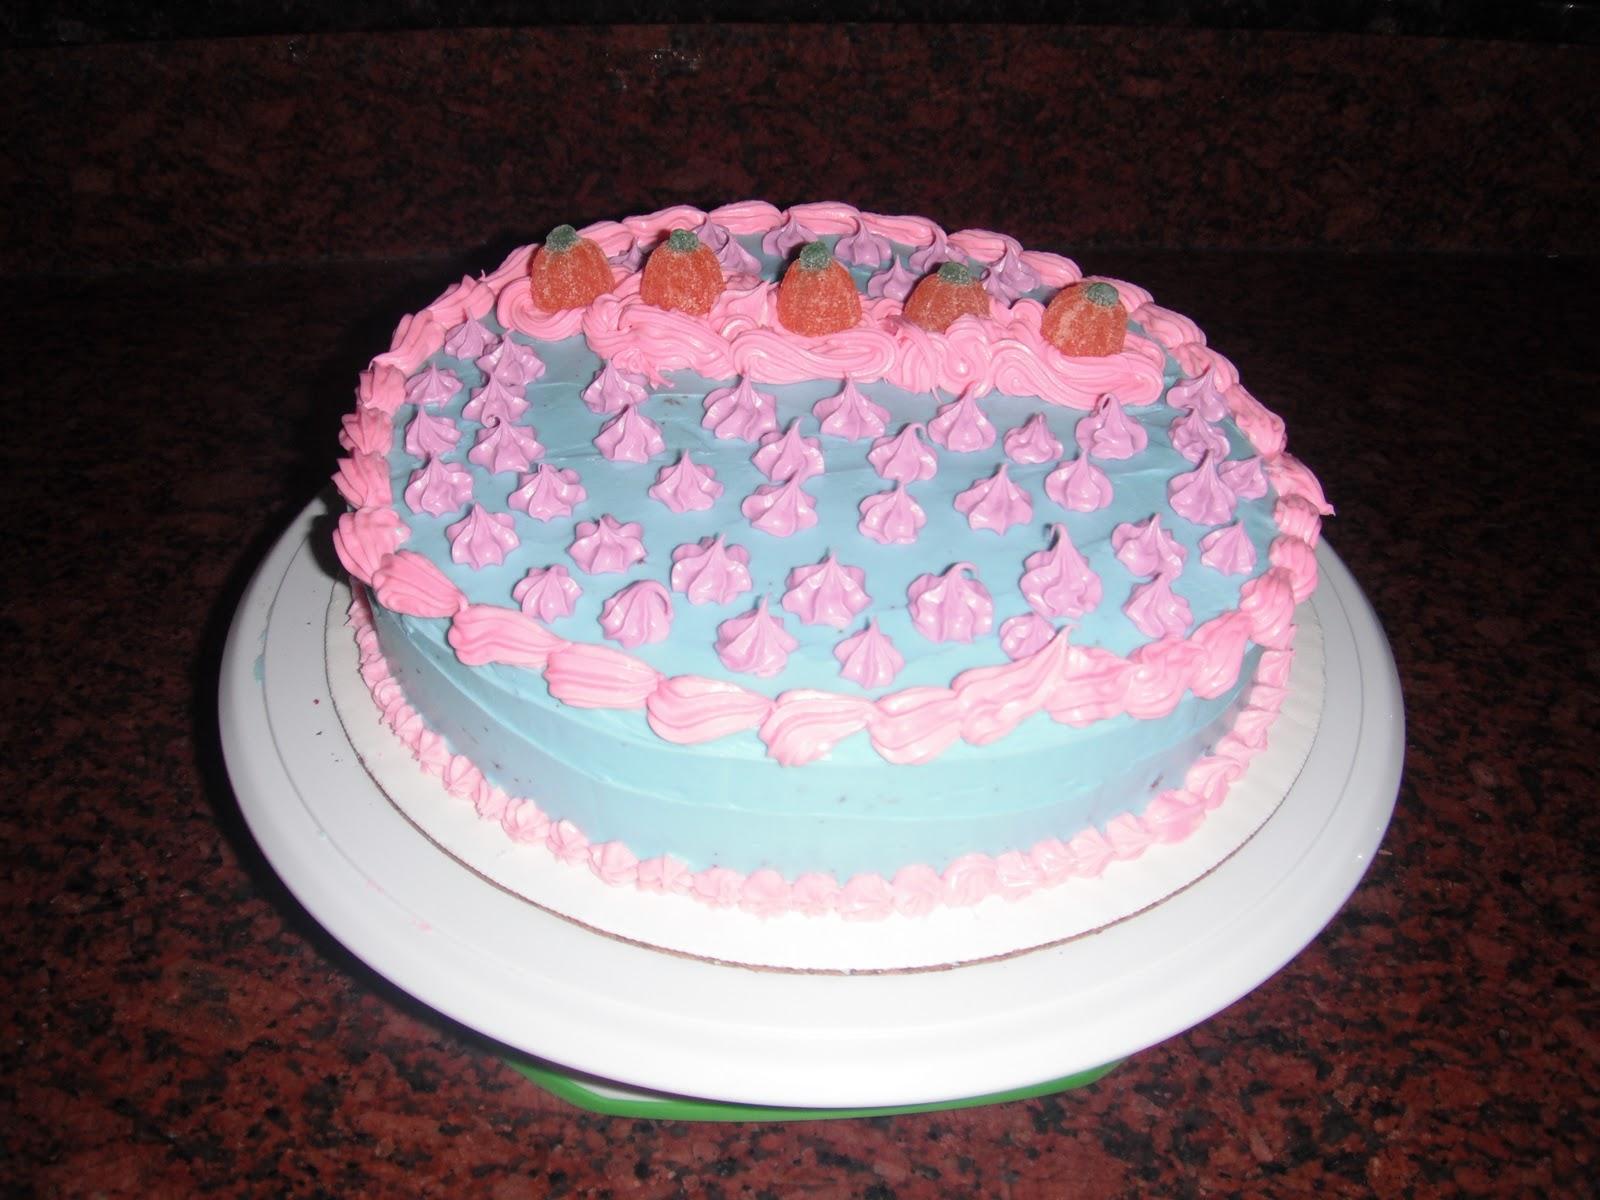 Cake Decorating Classes Regina